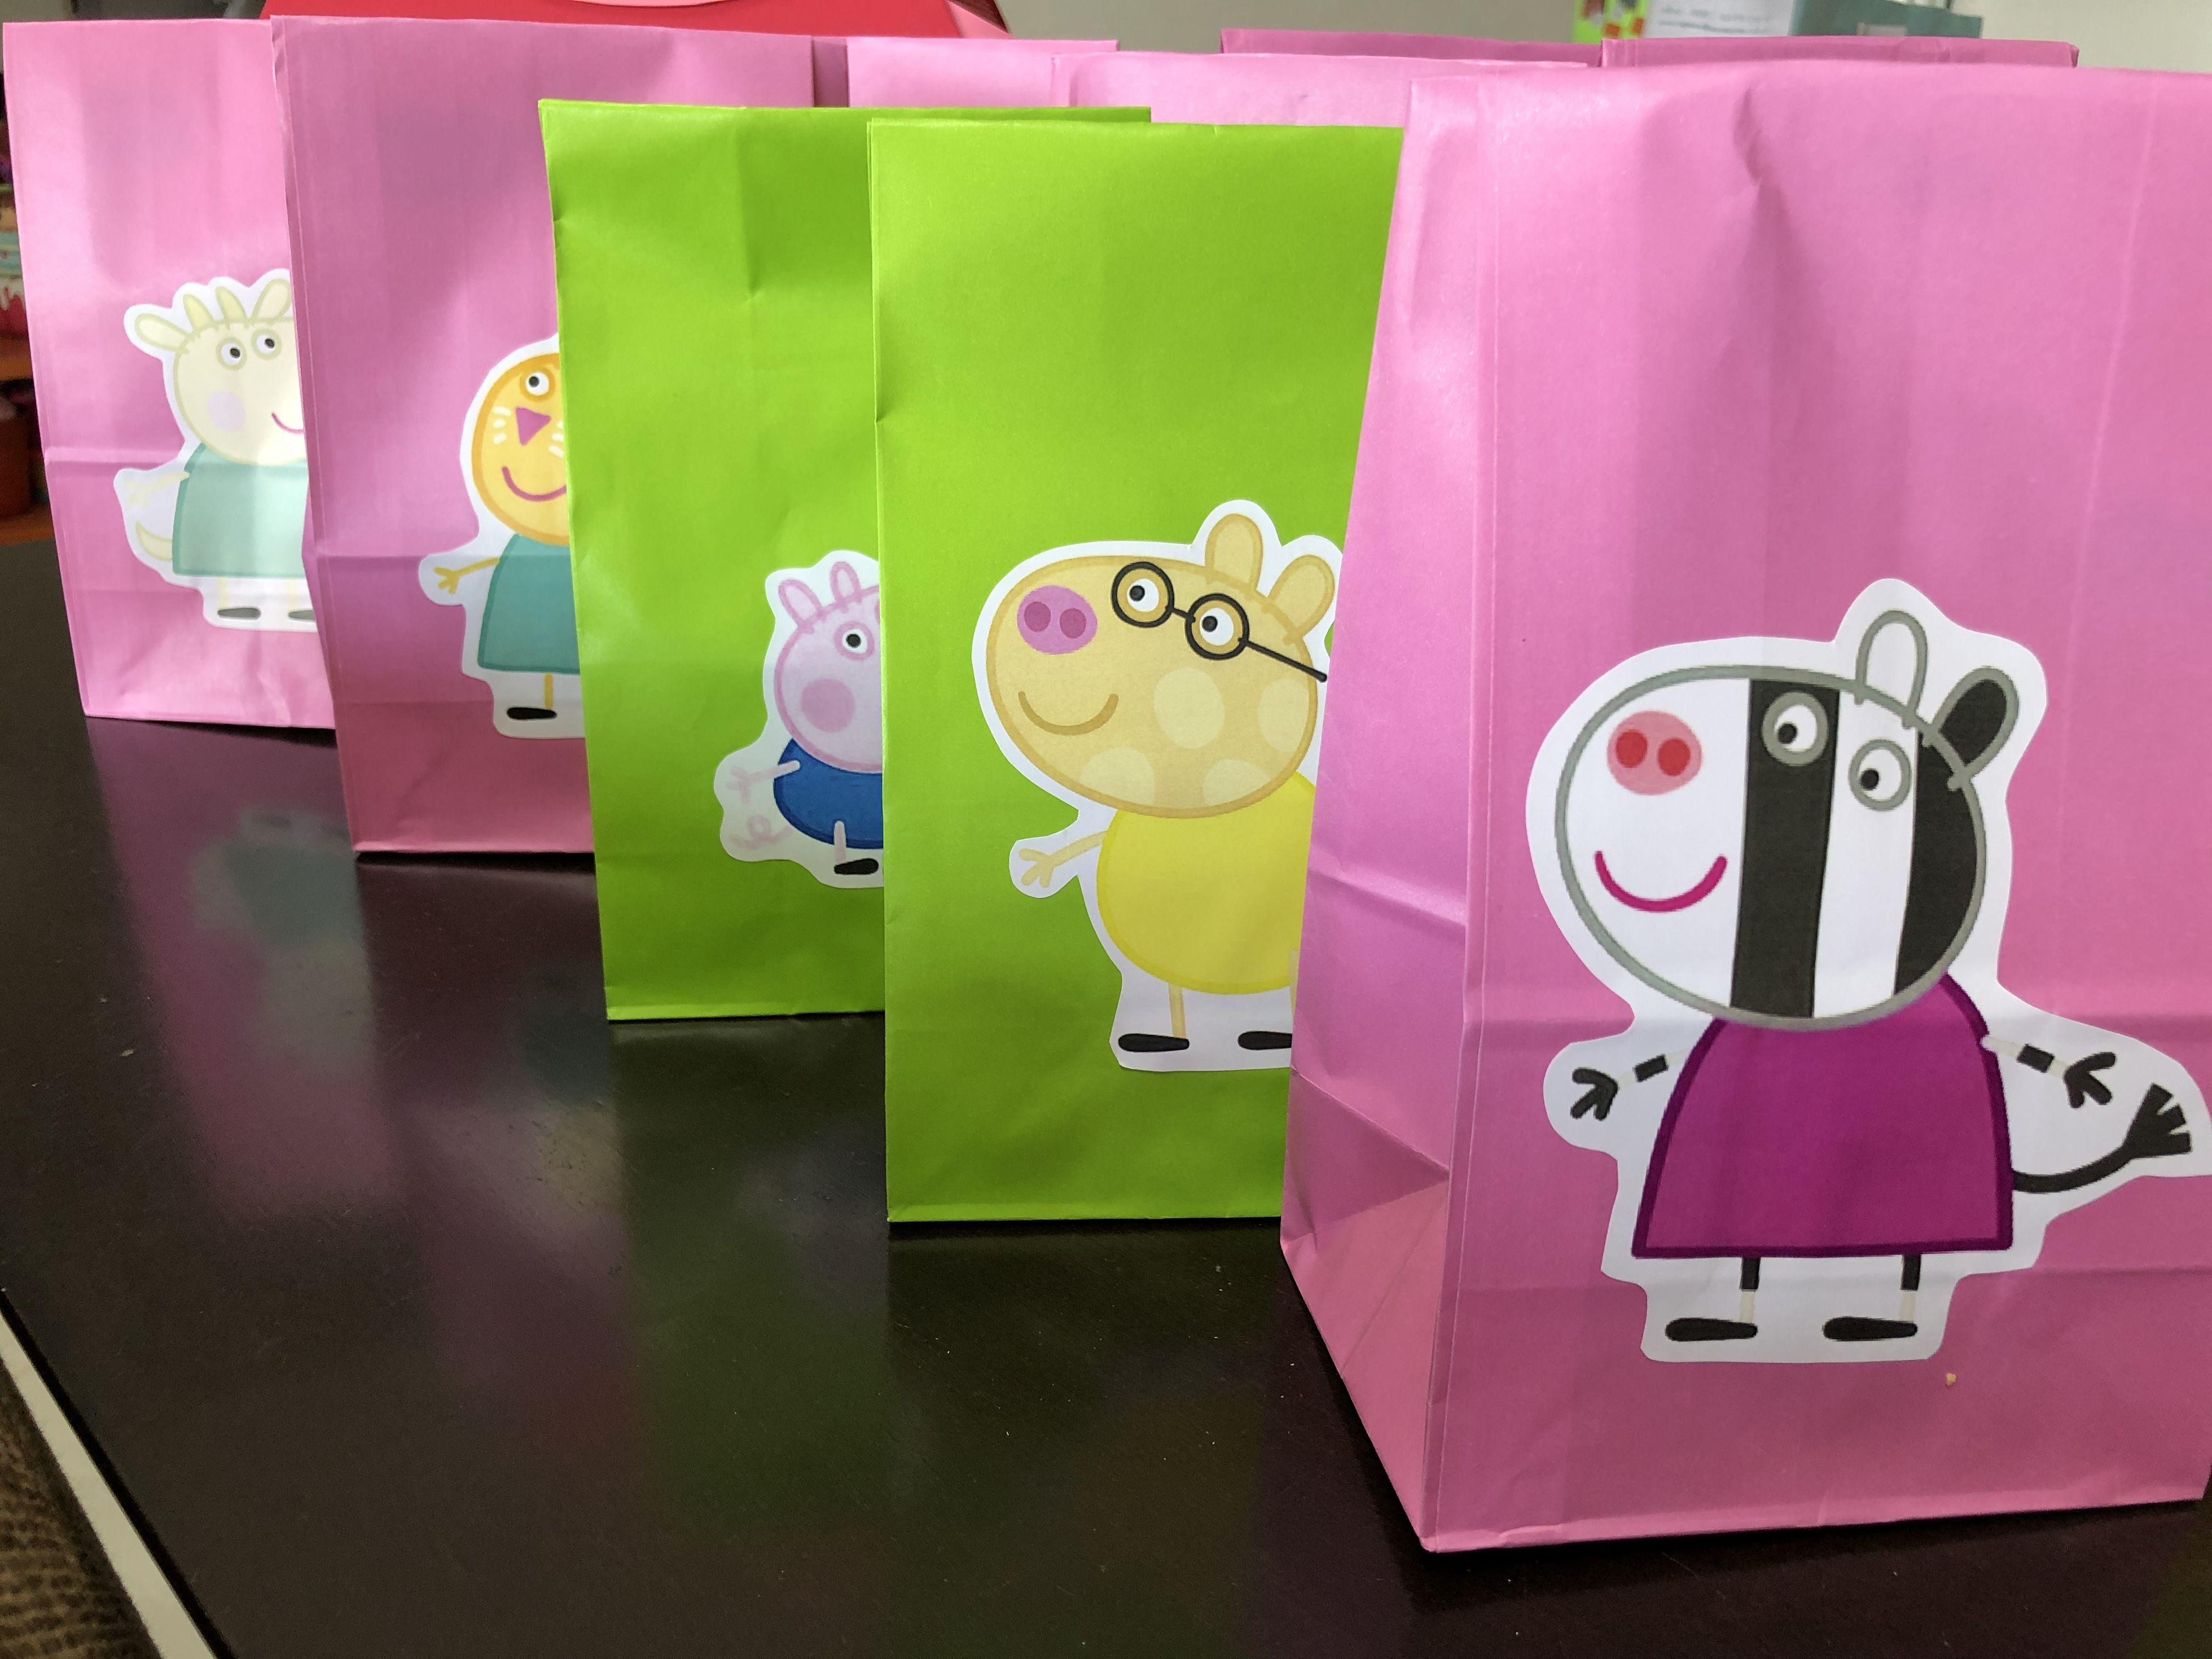 0a43fb410 Souvenir Peppa Pig Bolsas De Dulces, Bolsitas, Cumple Peppa, Bolsas  Personalizadas, Souvenirs